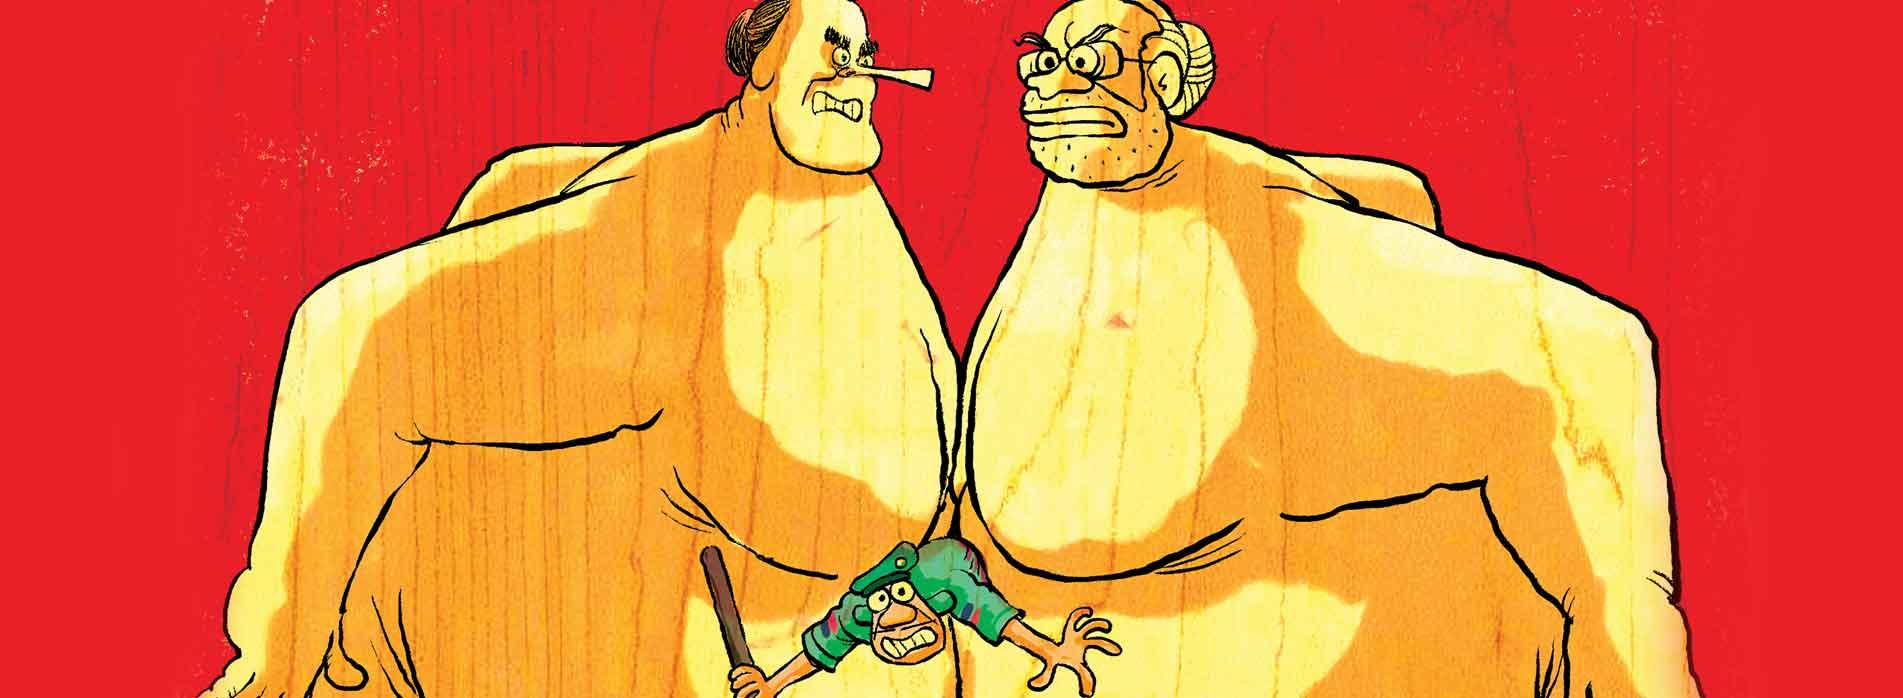 Amethi's new slogan: 'Chowkidar sore hai'